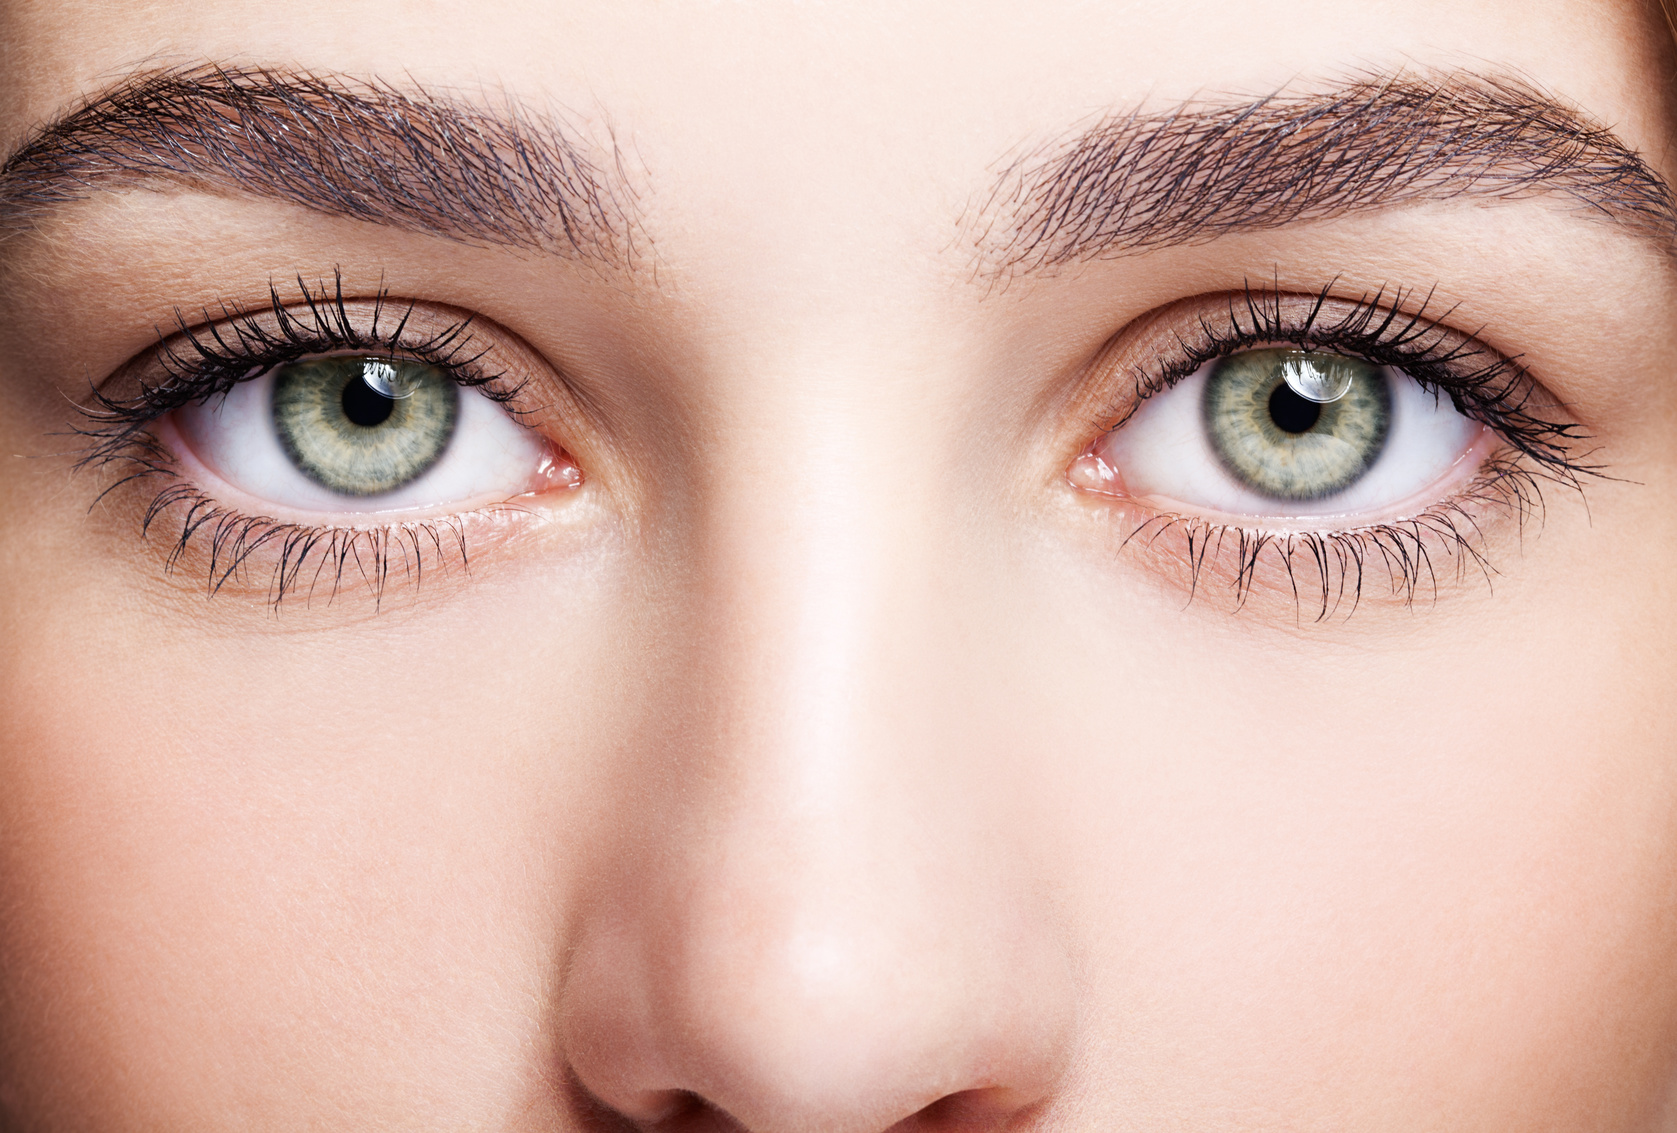 Augen menschen mit schwarzen Was würden